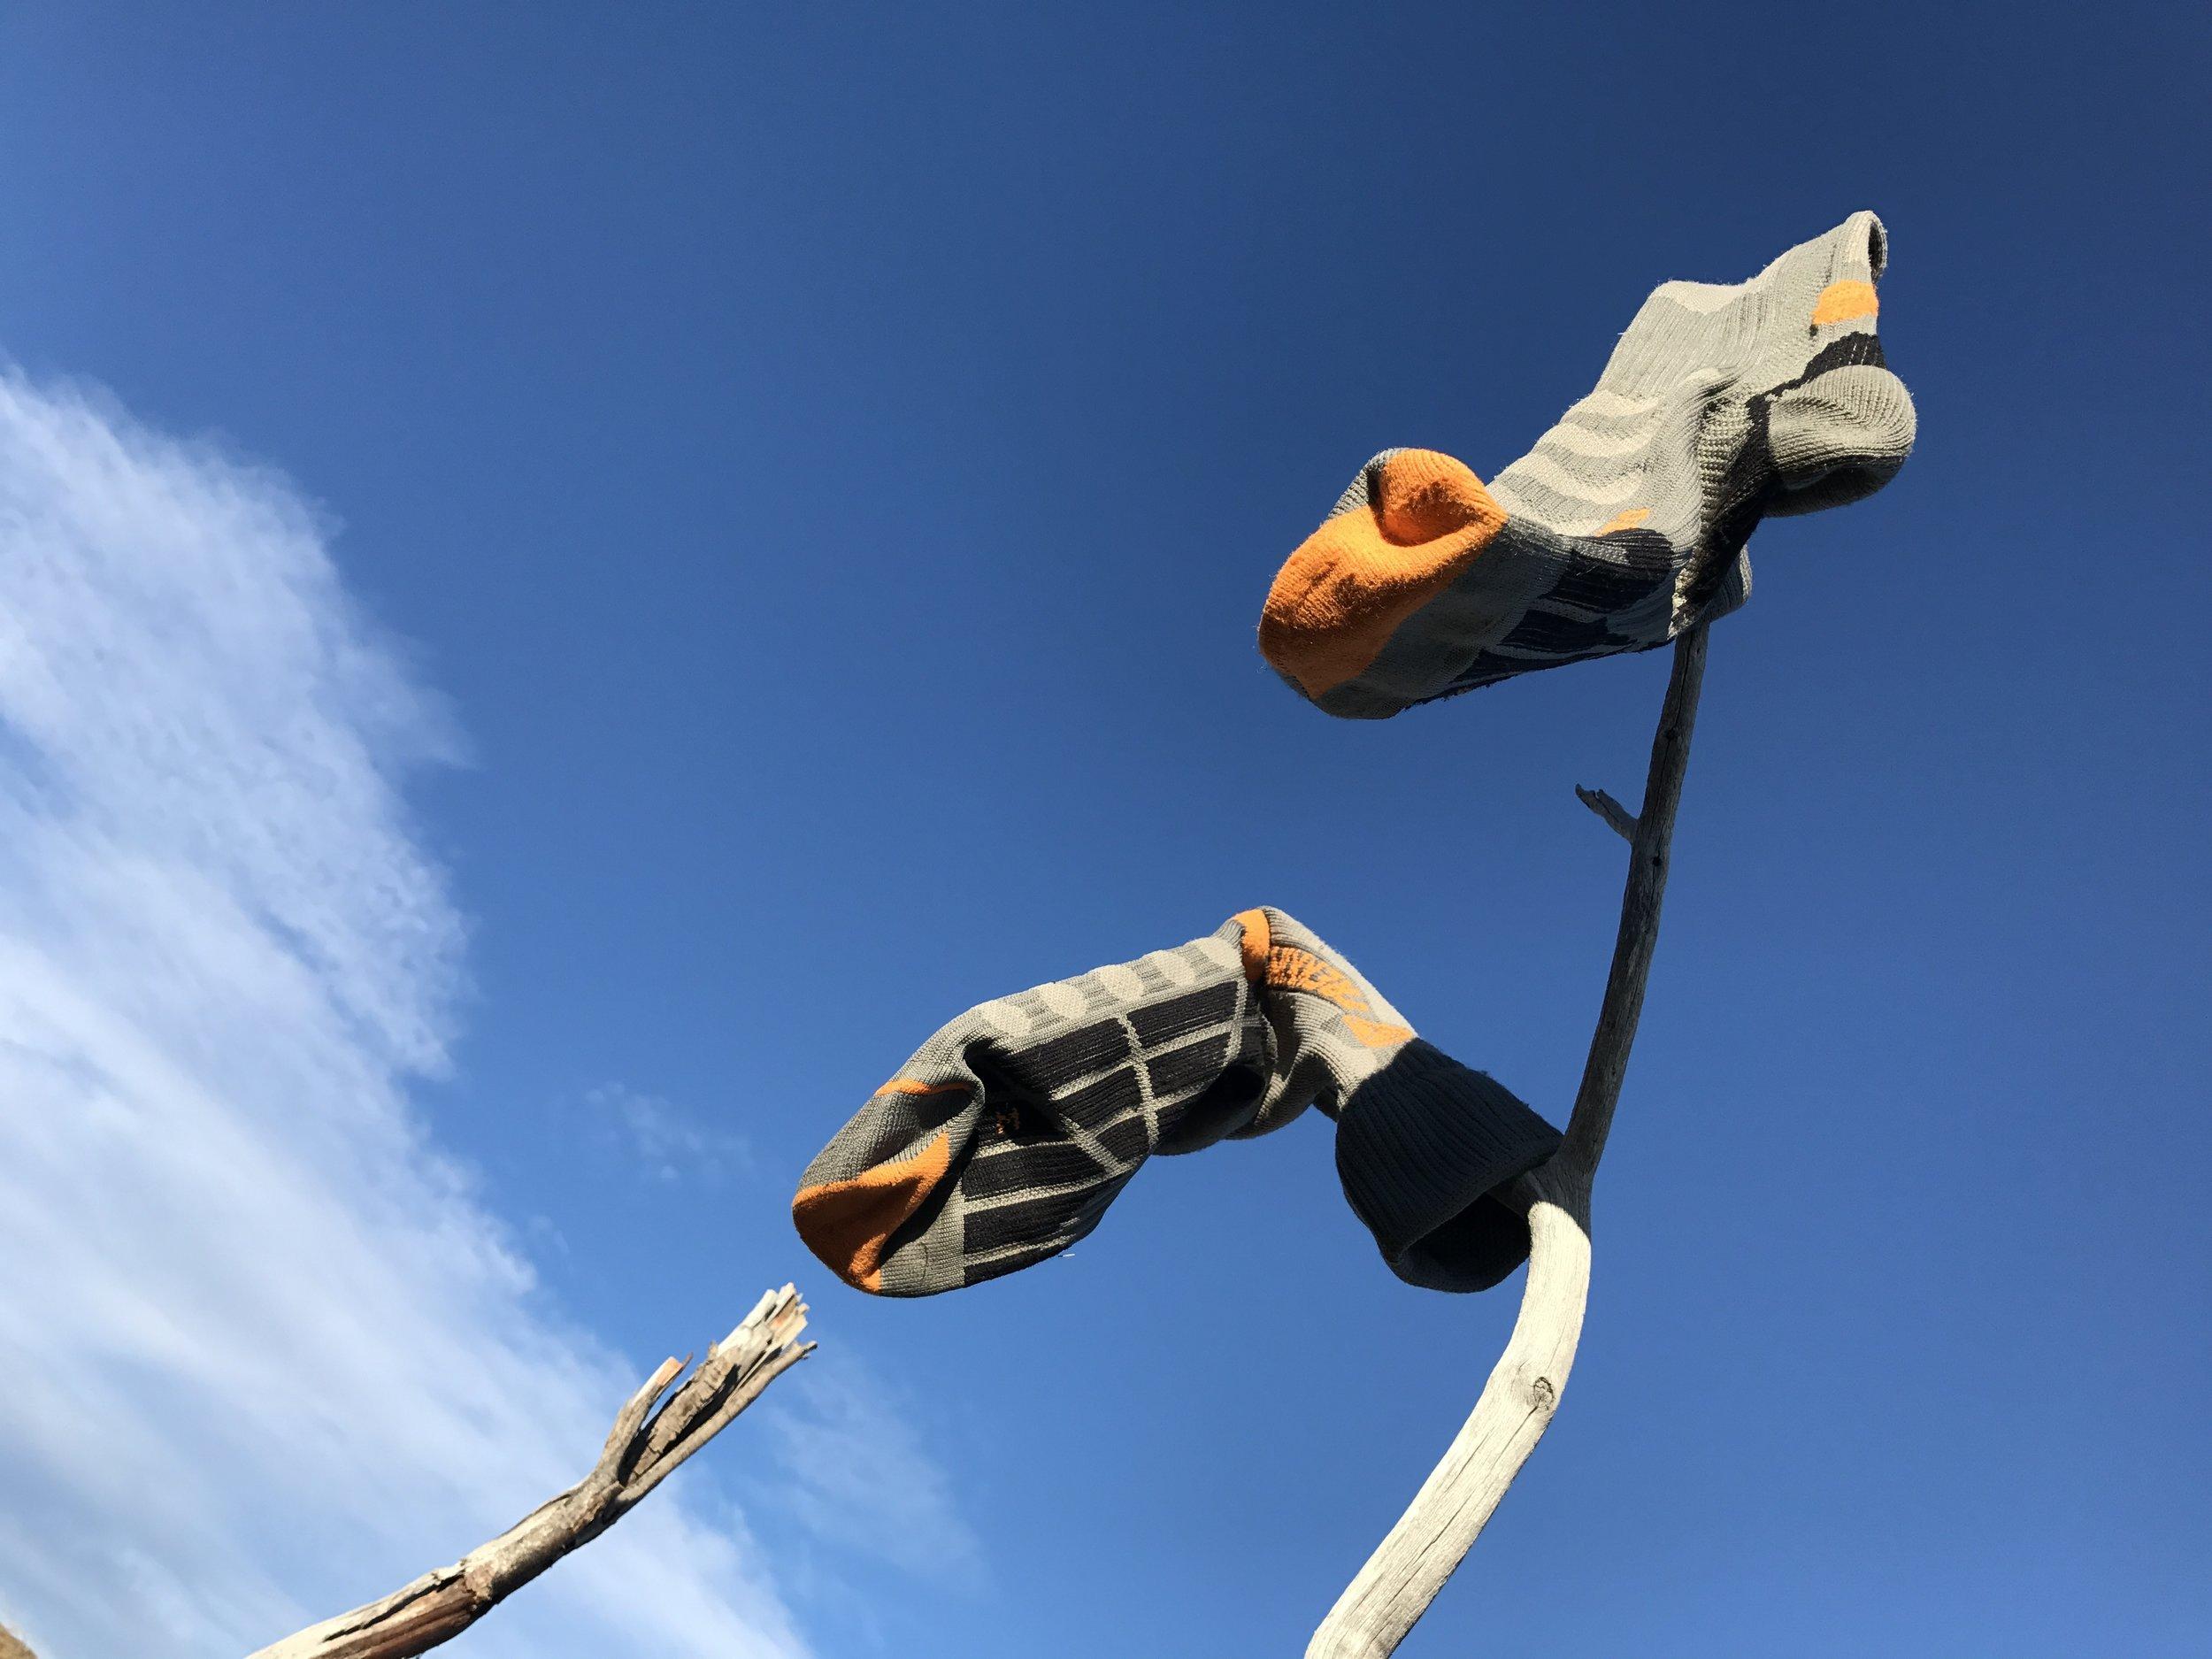 socks in the wind